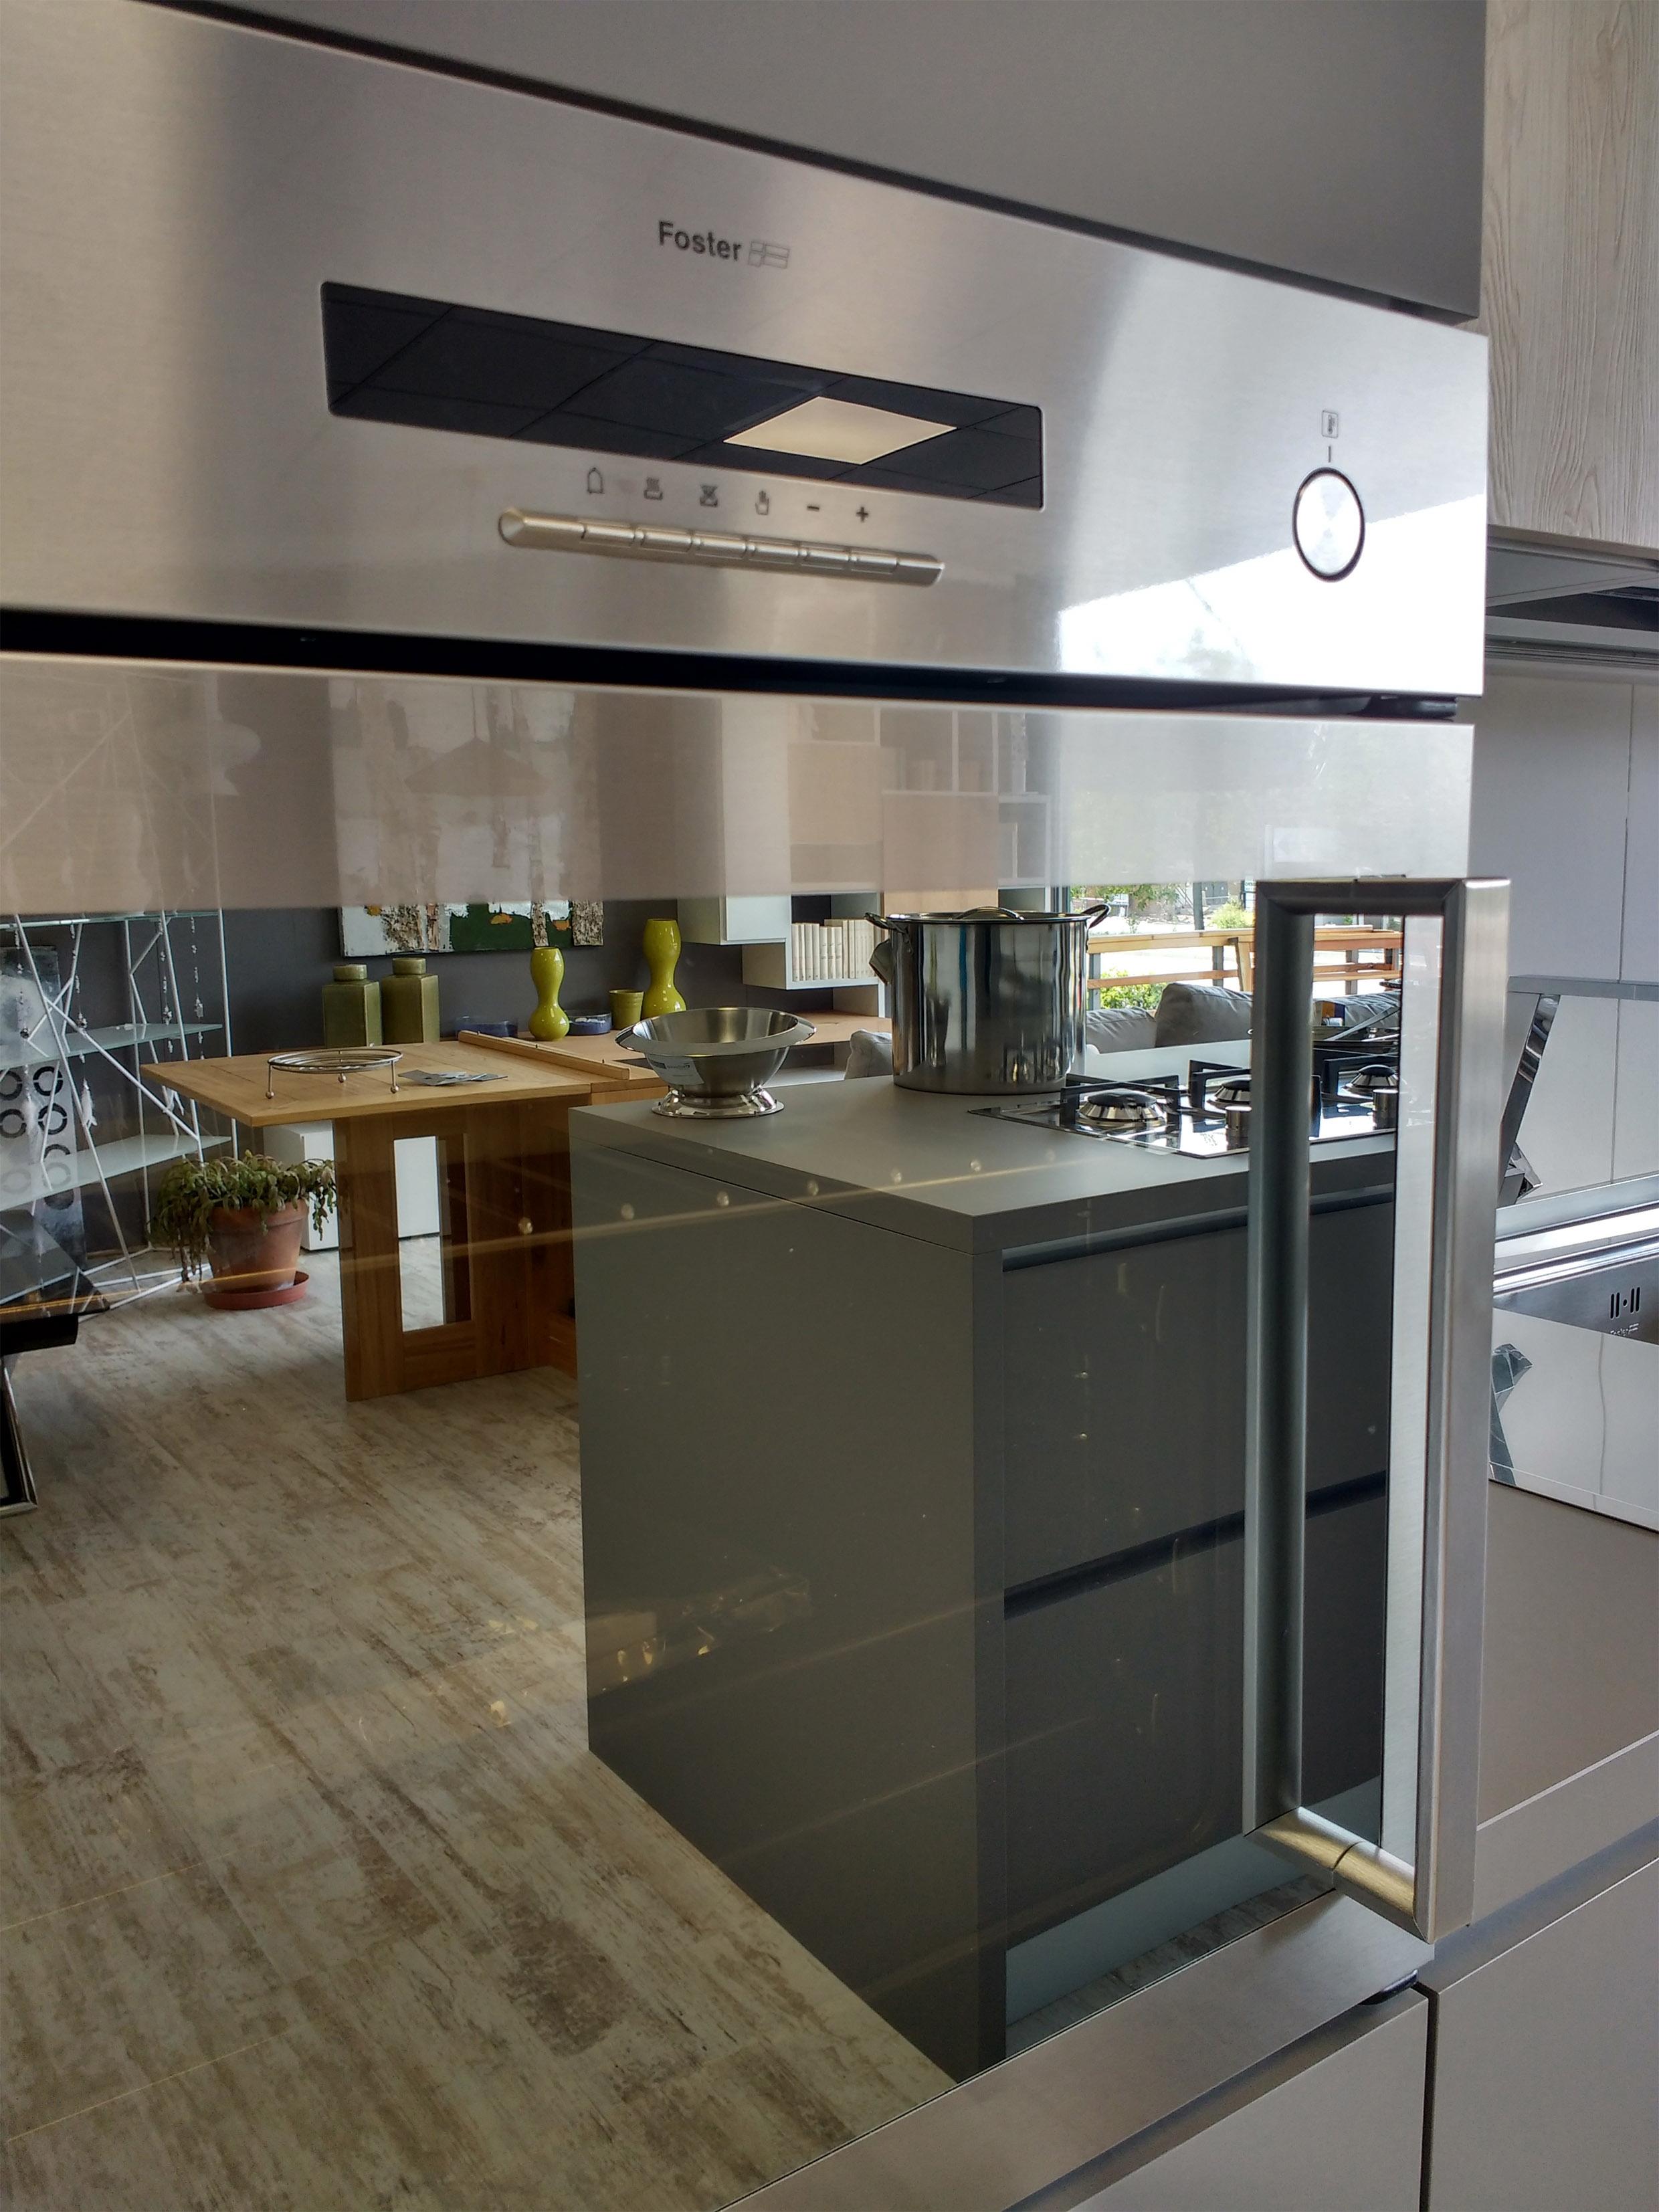 Cucine con isola Gory Cucine  mod. Geo Fenix scontata del 46% - Cucine a prezzi scontati